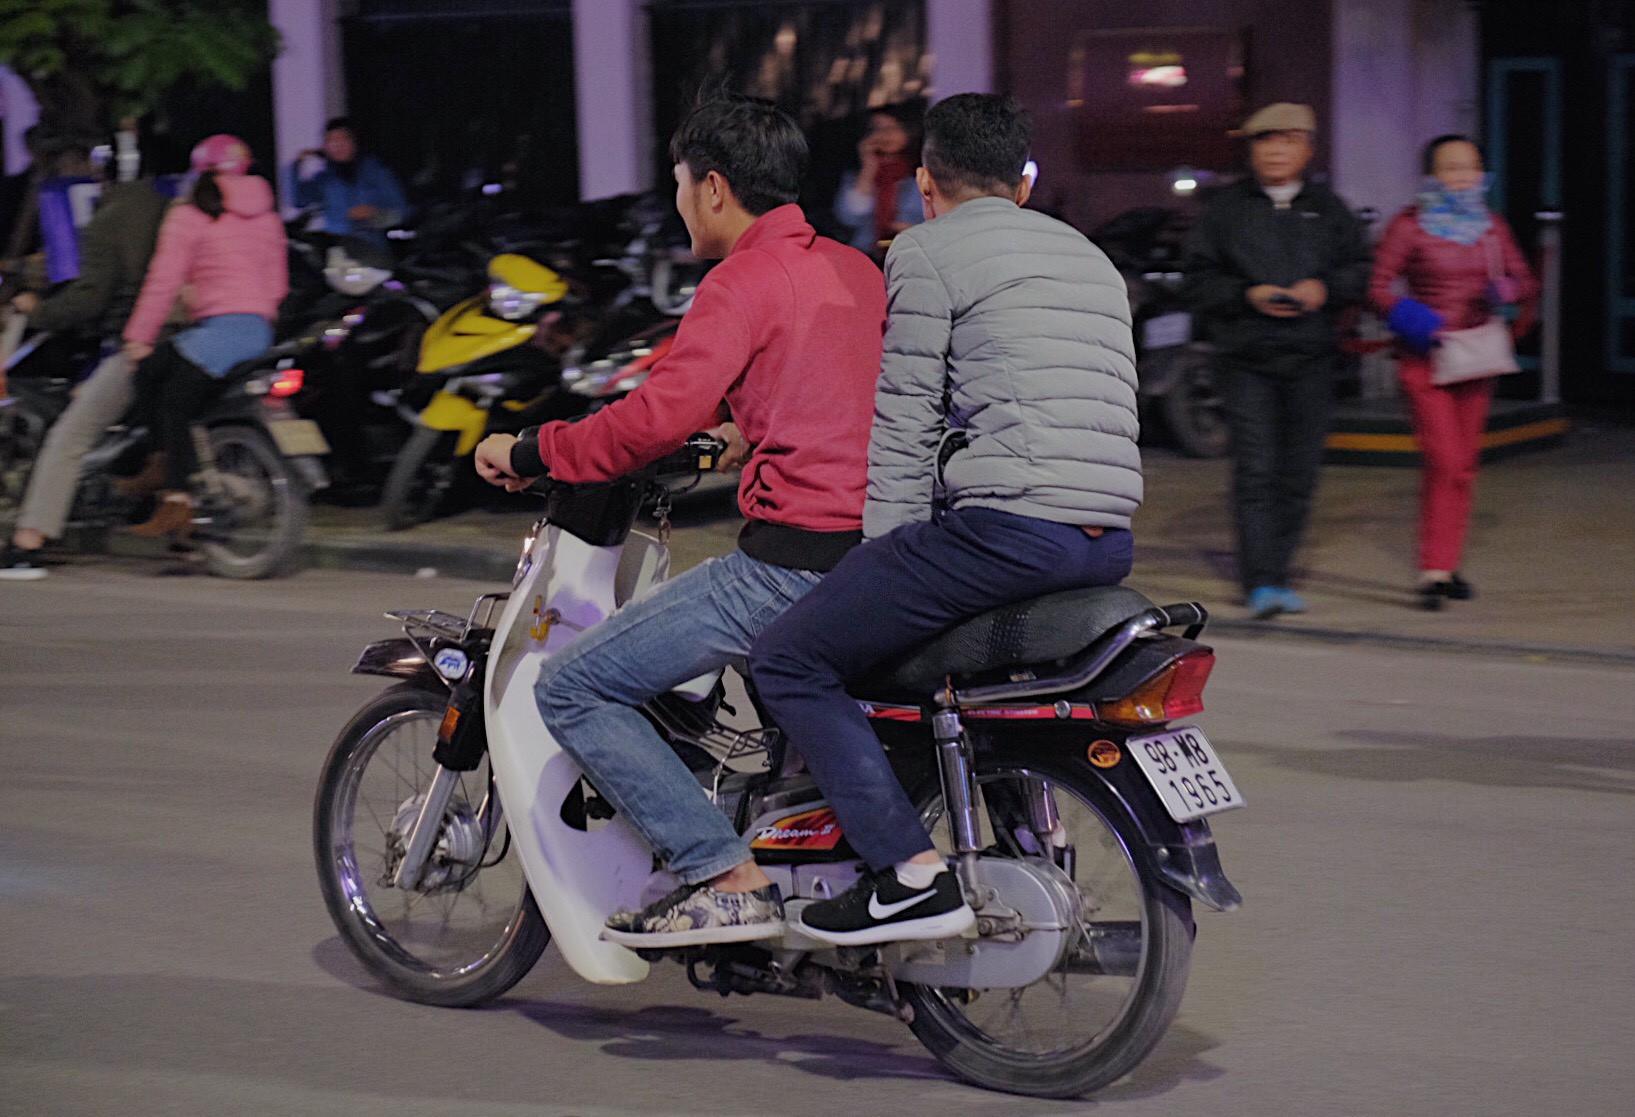 Hà Nội: Chùm ảnh nhiều người quên đội mũ bảo hiểm, kẹp 3 kẹp 4 đi chơi Giao thừa - Ảnh 4.